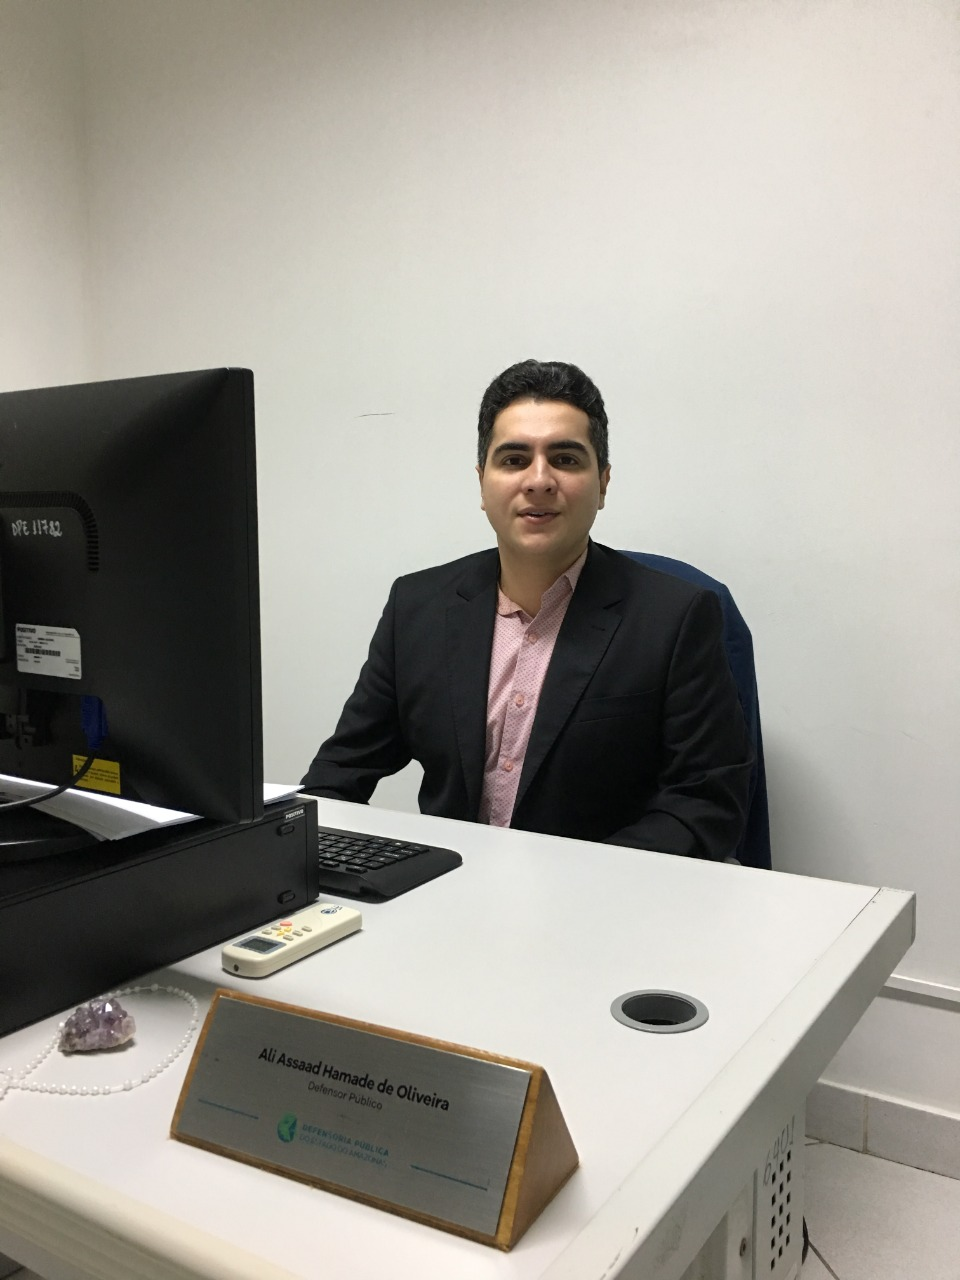 Defensoria atende mais de 100 casos de negligência contra idosos por mês